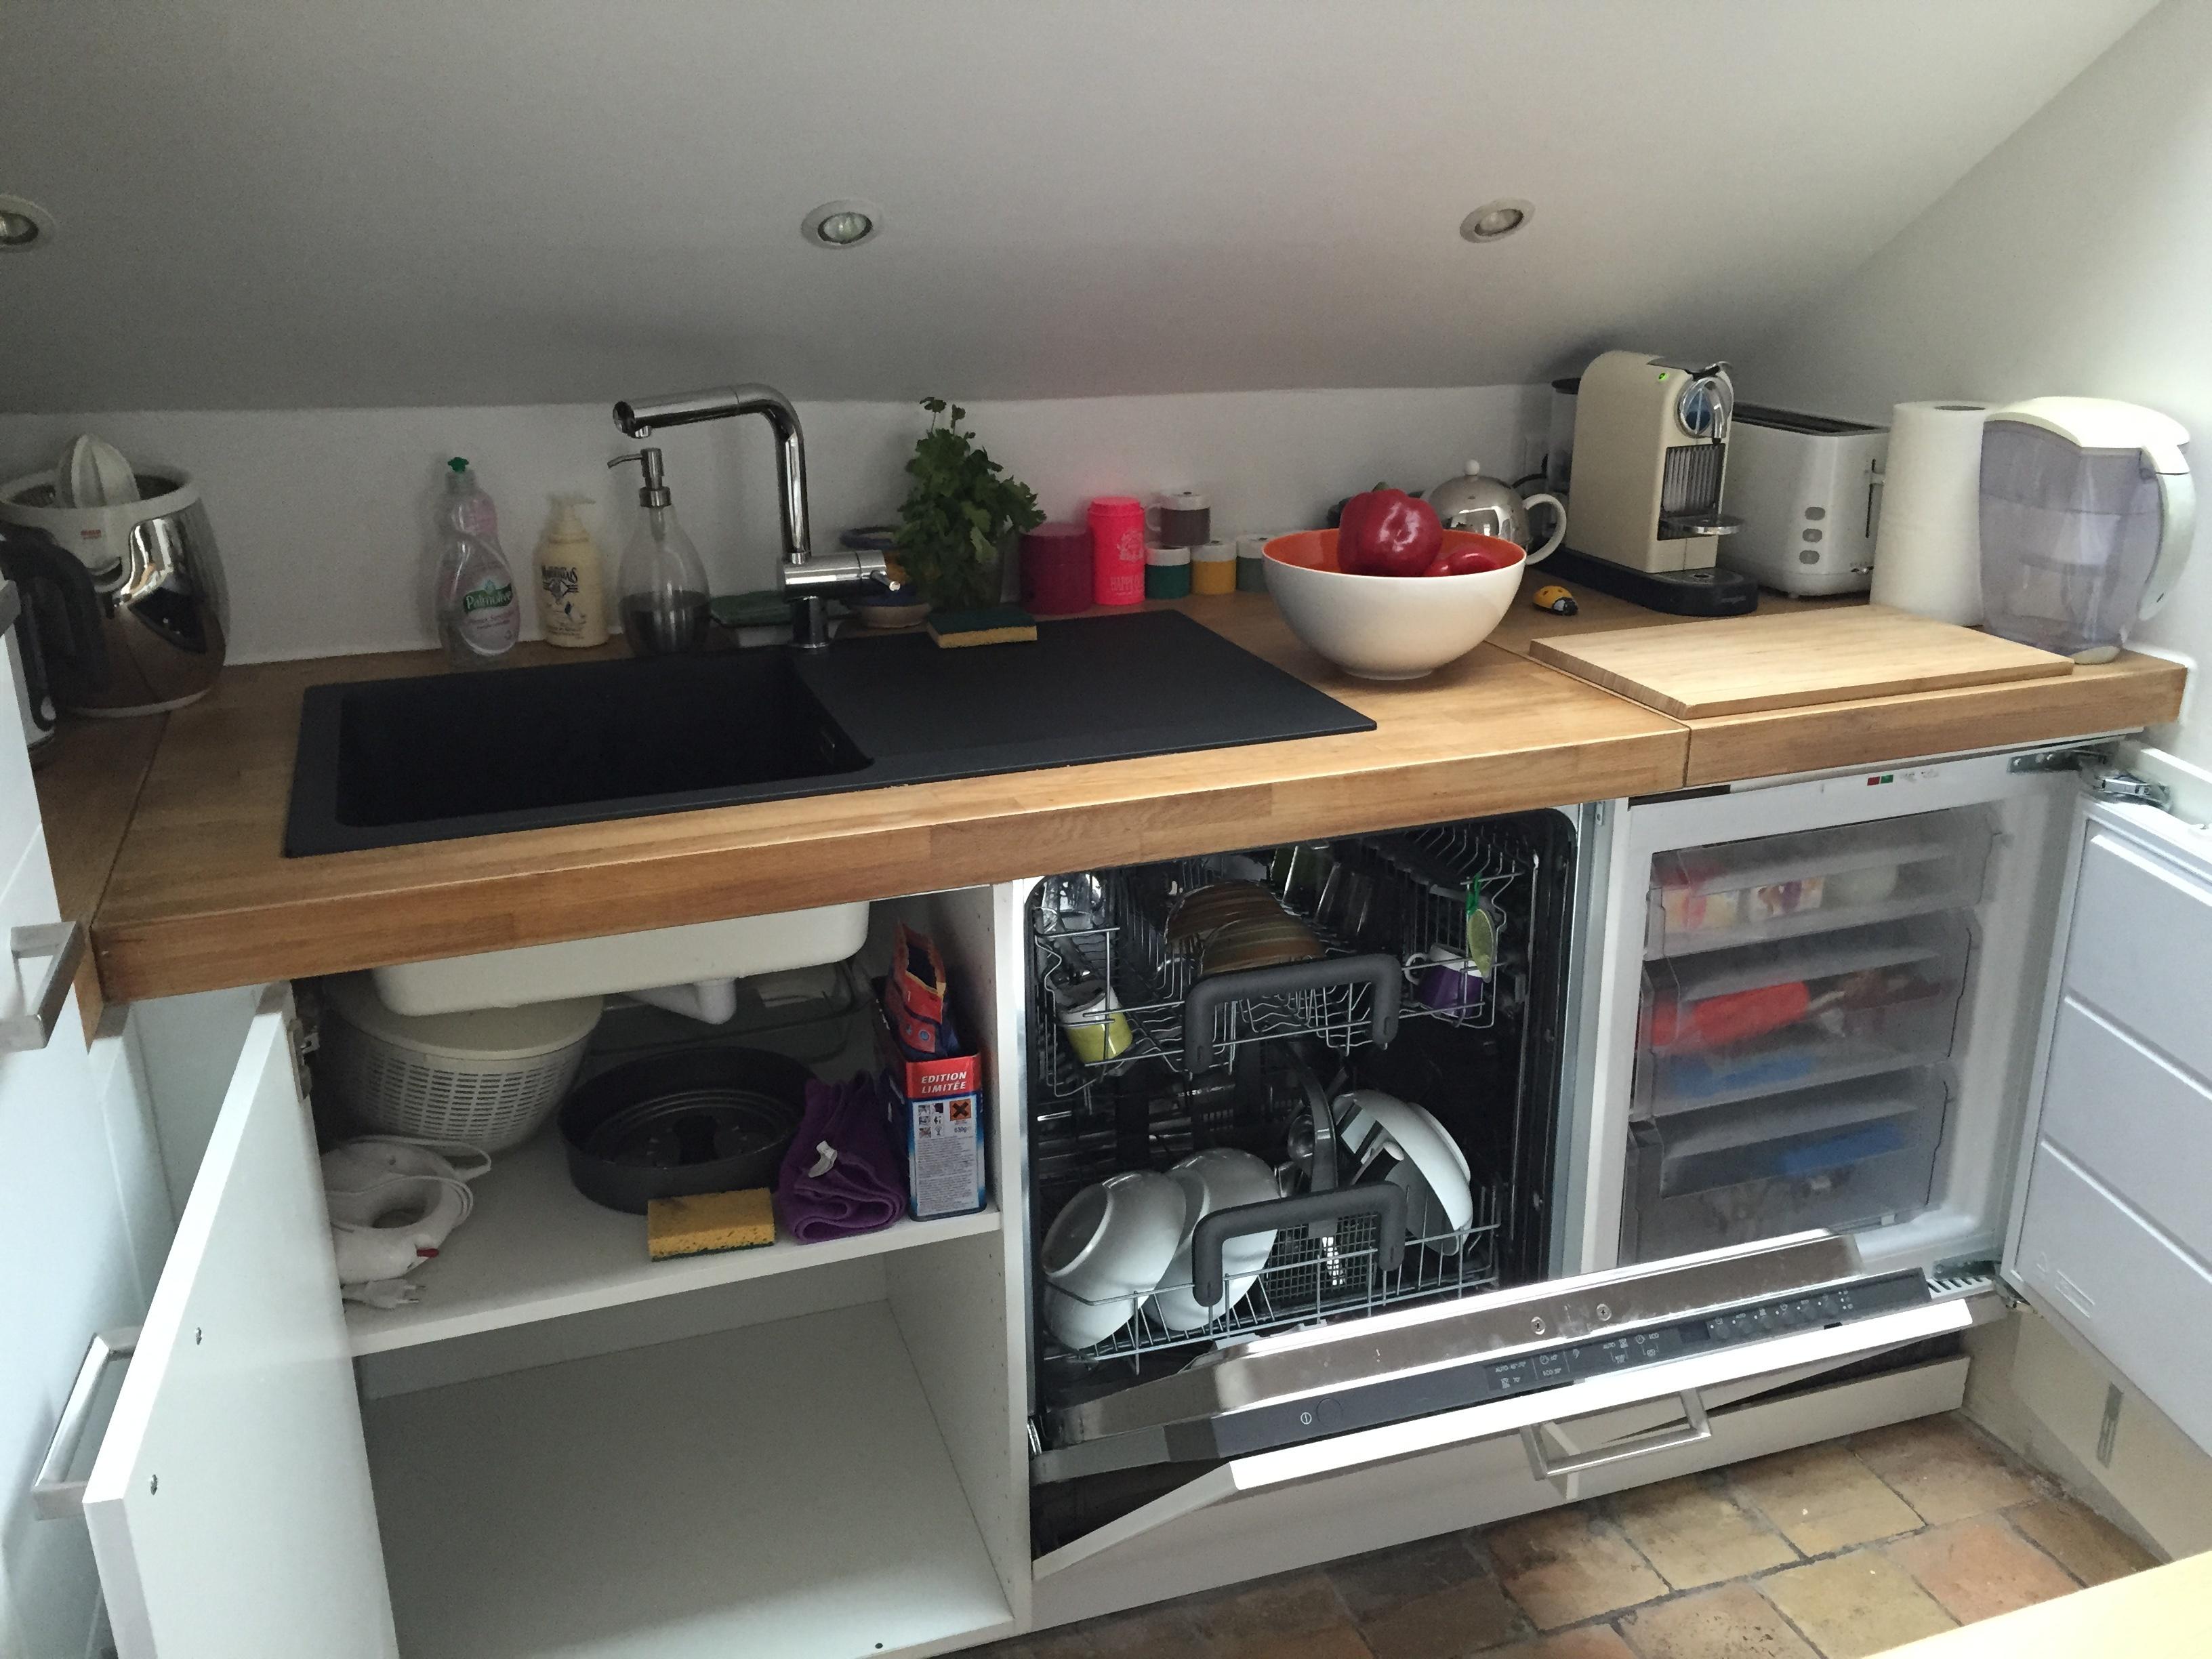 Installateur De Cuisine Ikea Et Autres Marques - Ikea cuisine sur mesure